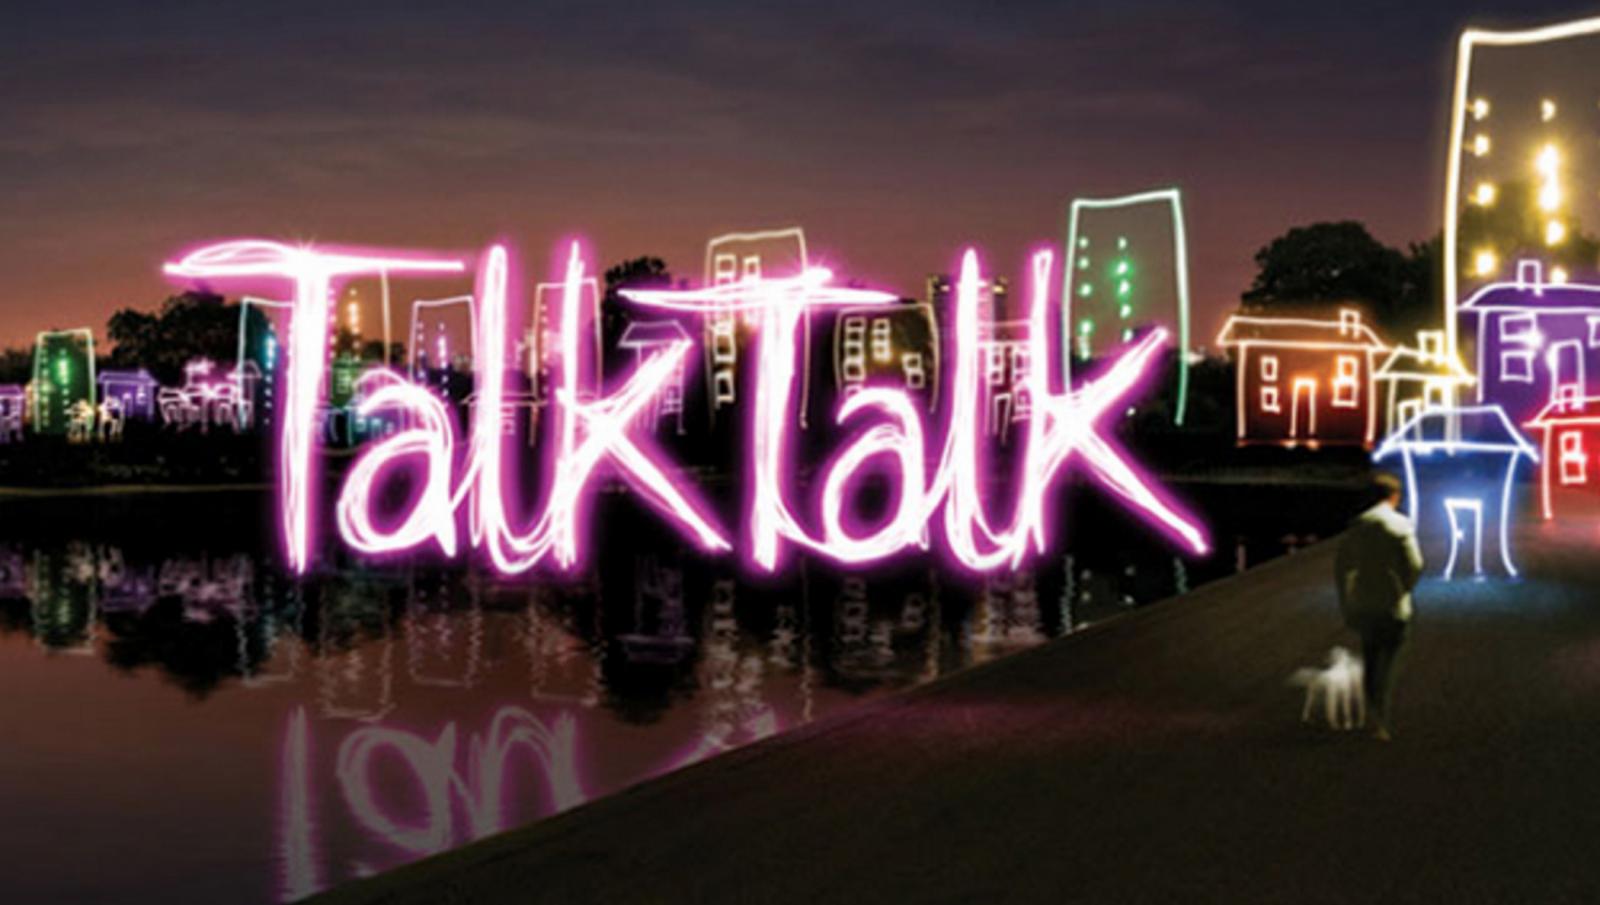 Talktalk Giving All Customers A Free Upgrade From 1 December